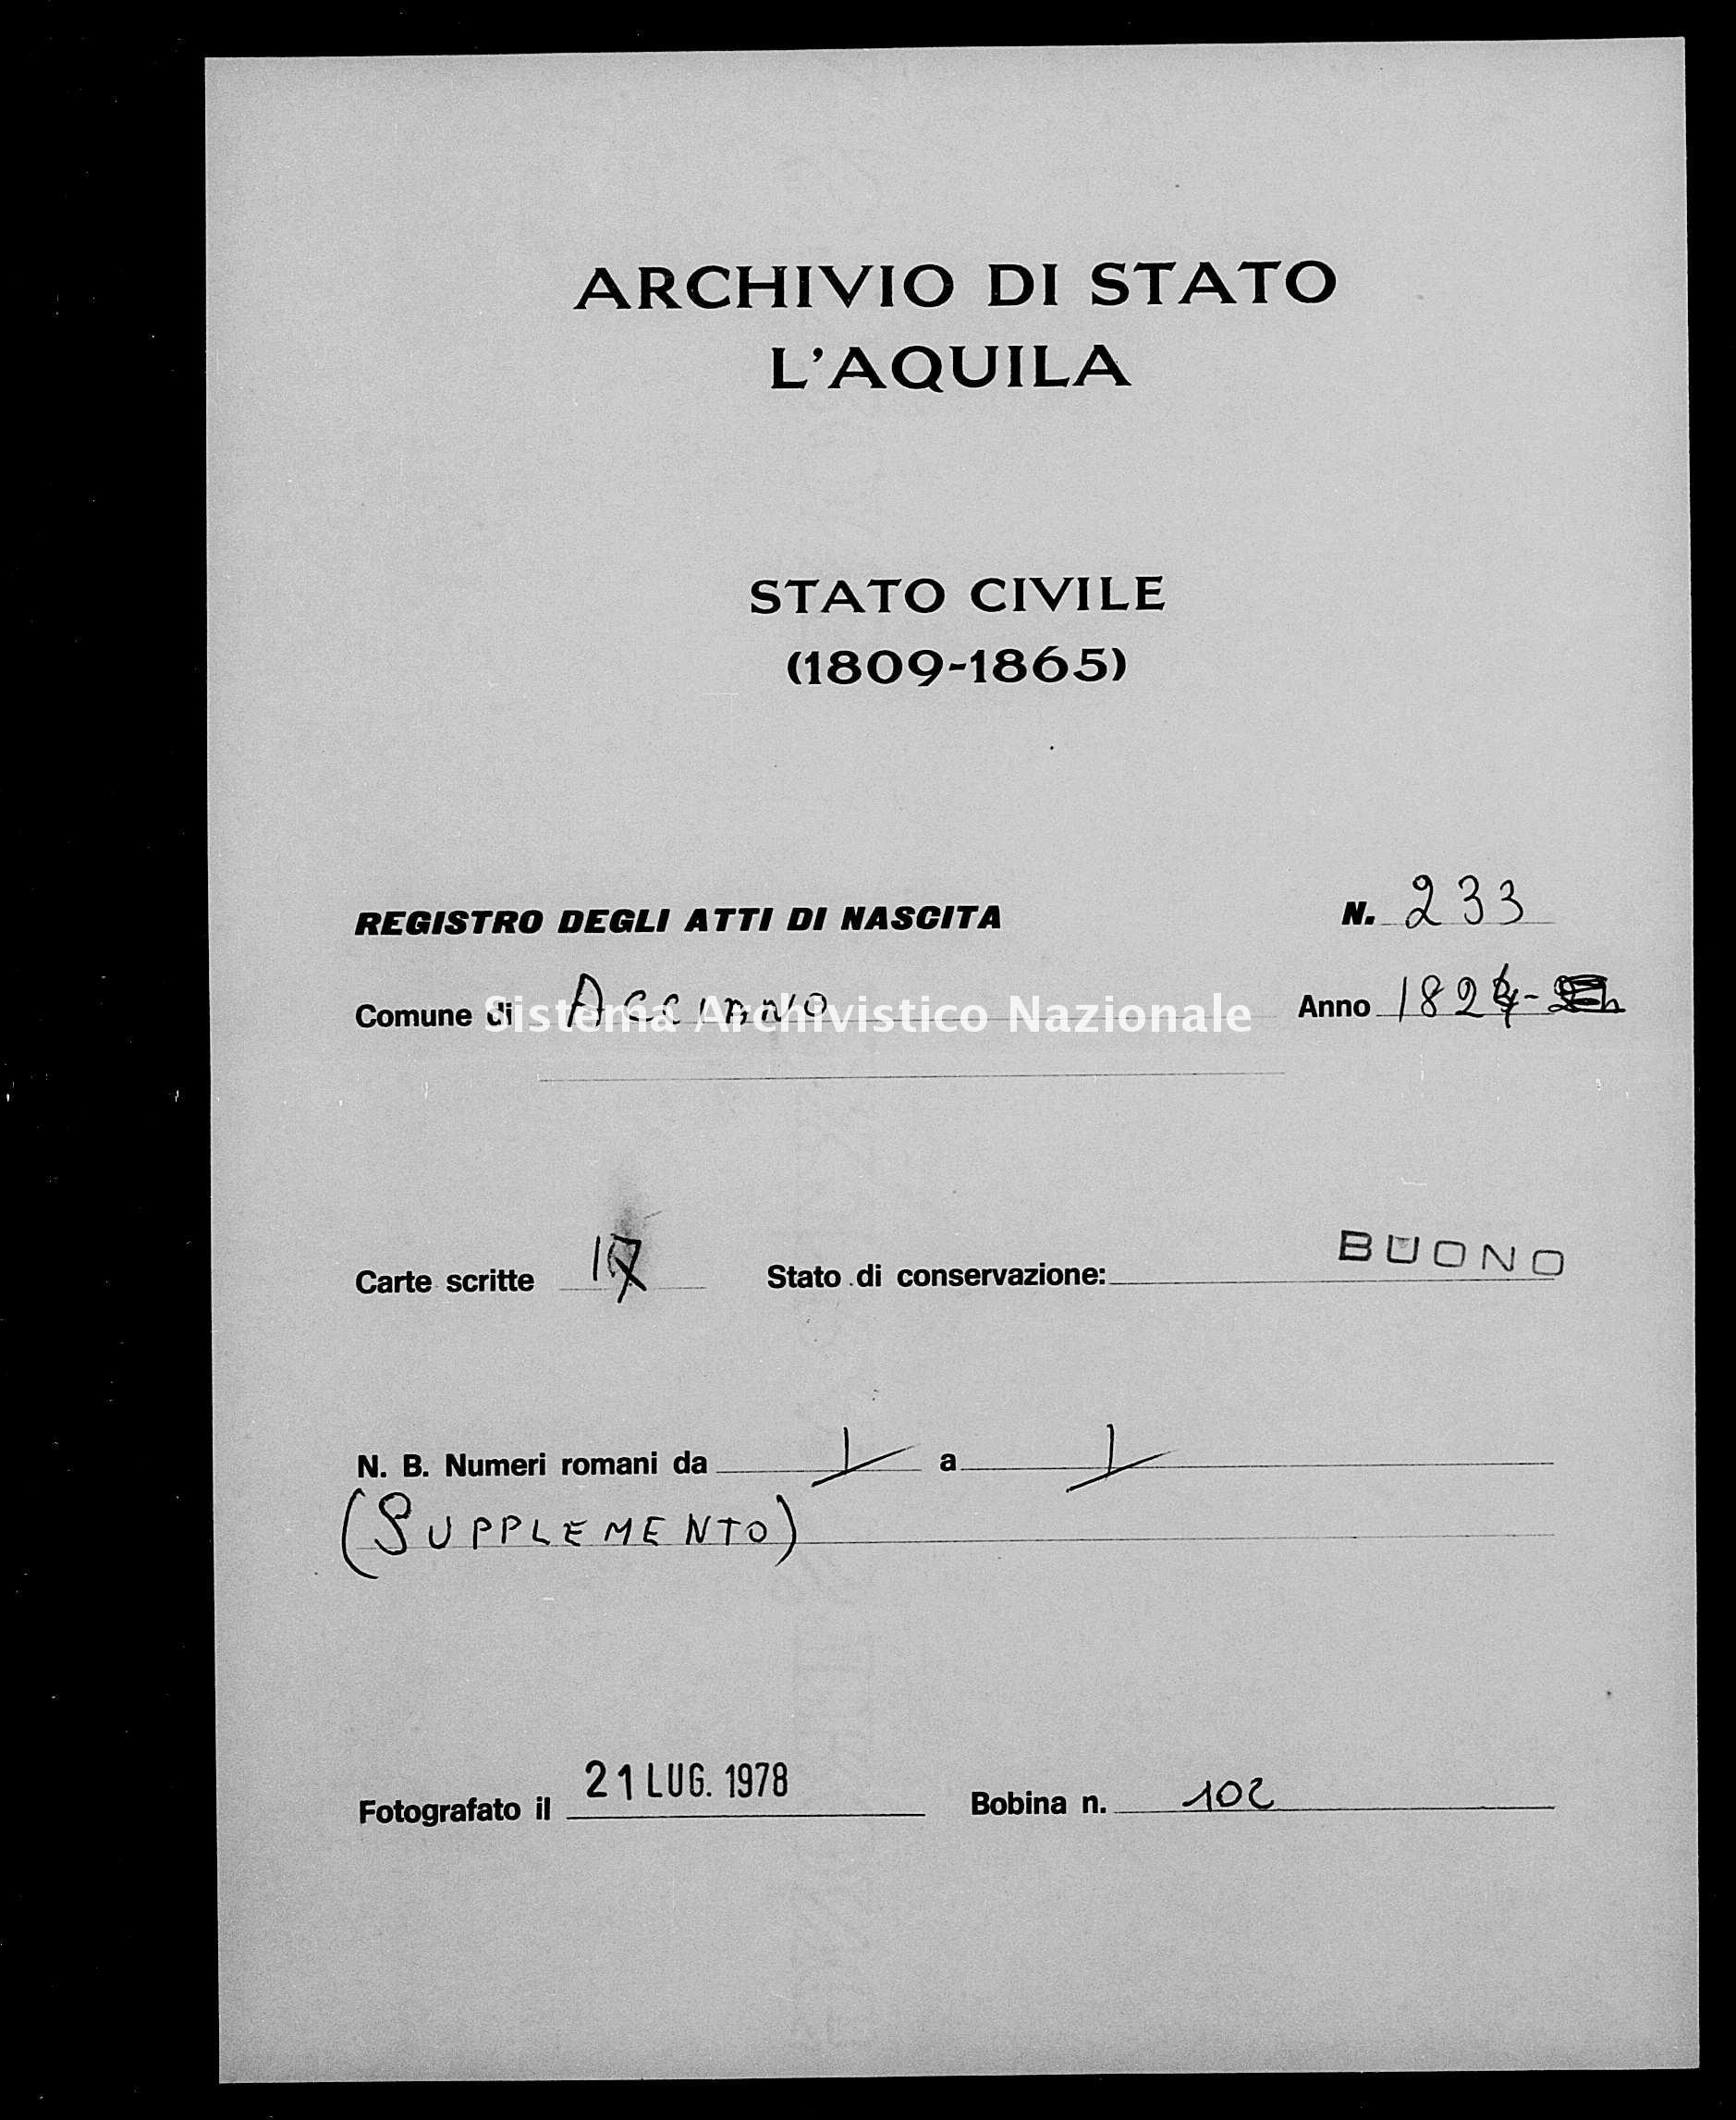 Archivio di stato di L'aquila - Stato civile della restaurazione - Acciano - Nati - 1824 - 233 -